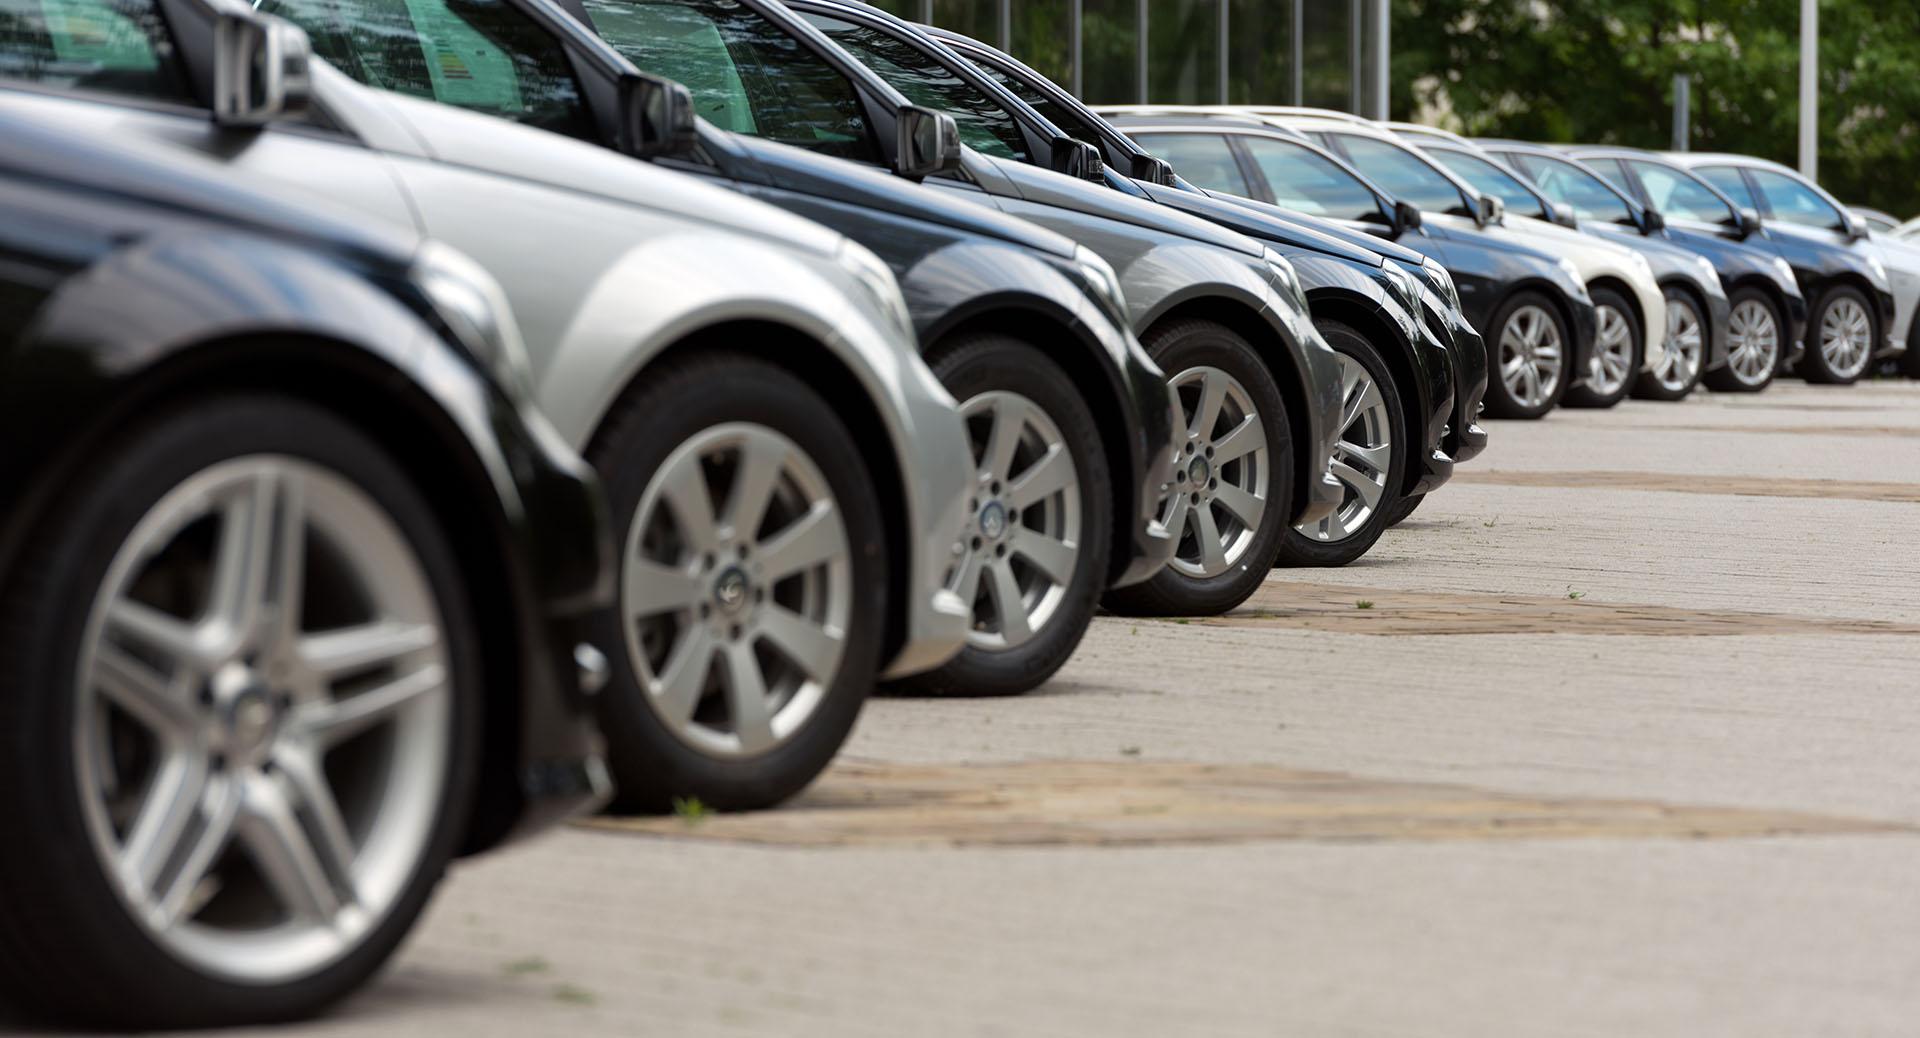 Buying and selling of used cars, Kupno i sprzedaż samochodów używanych